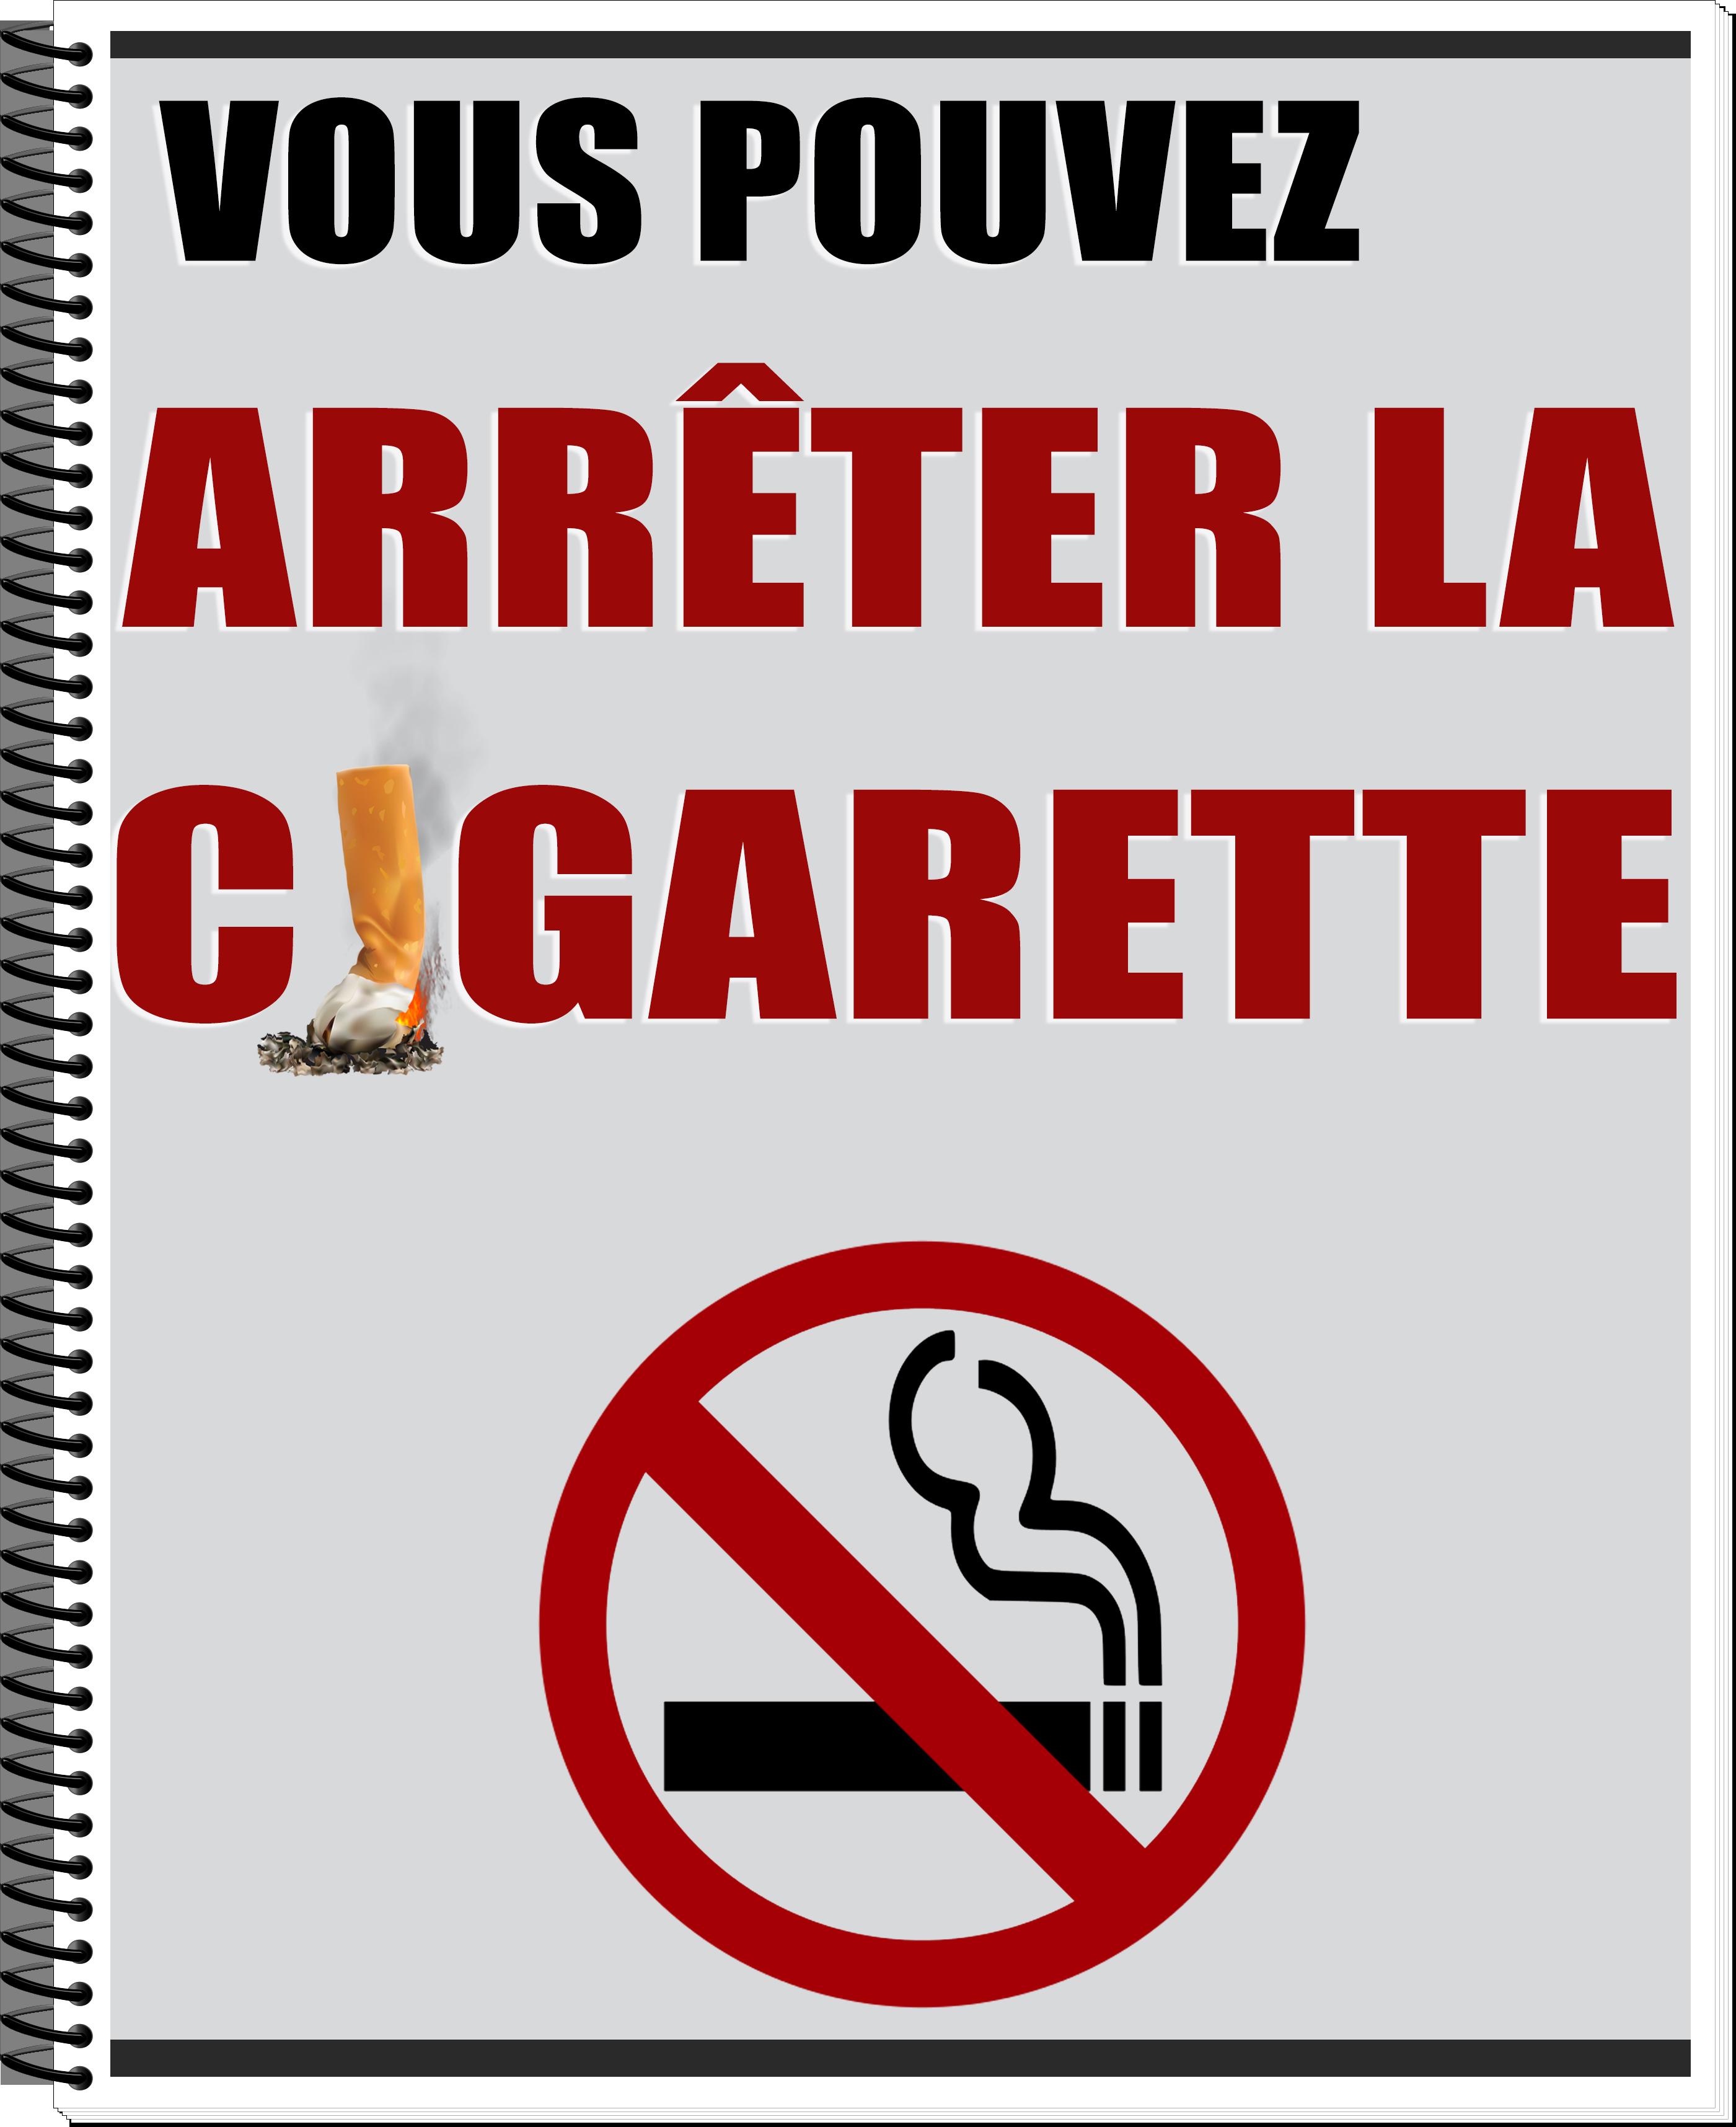 recevez votre guide gratuit pour arreter de fumer imm diat comment arr ter de fumer. Black Bedroom Furniture Sets. Home Design Ideas